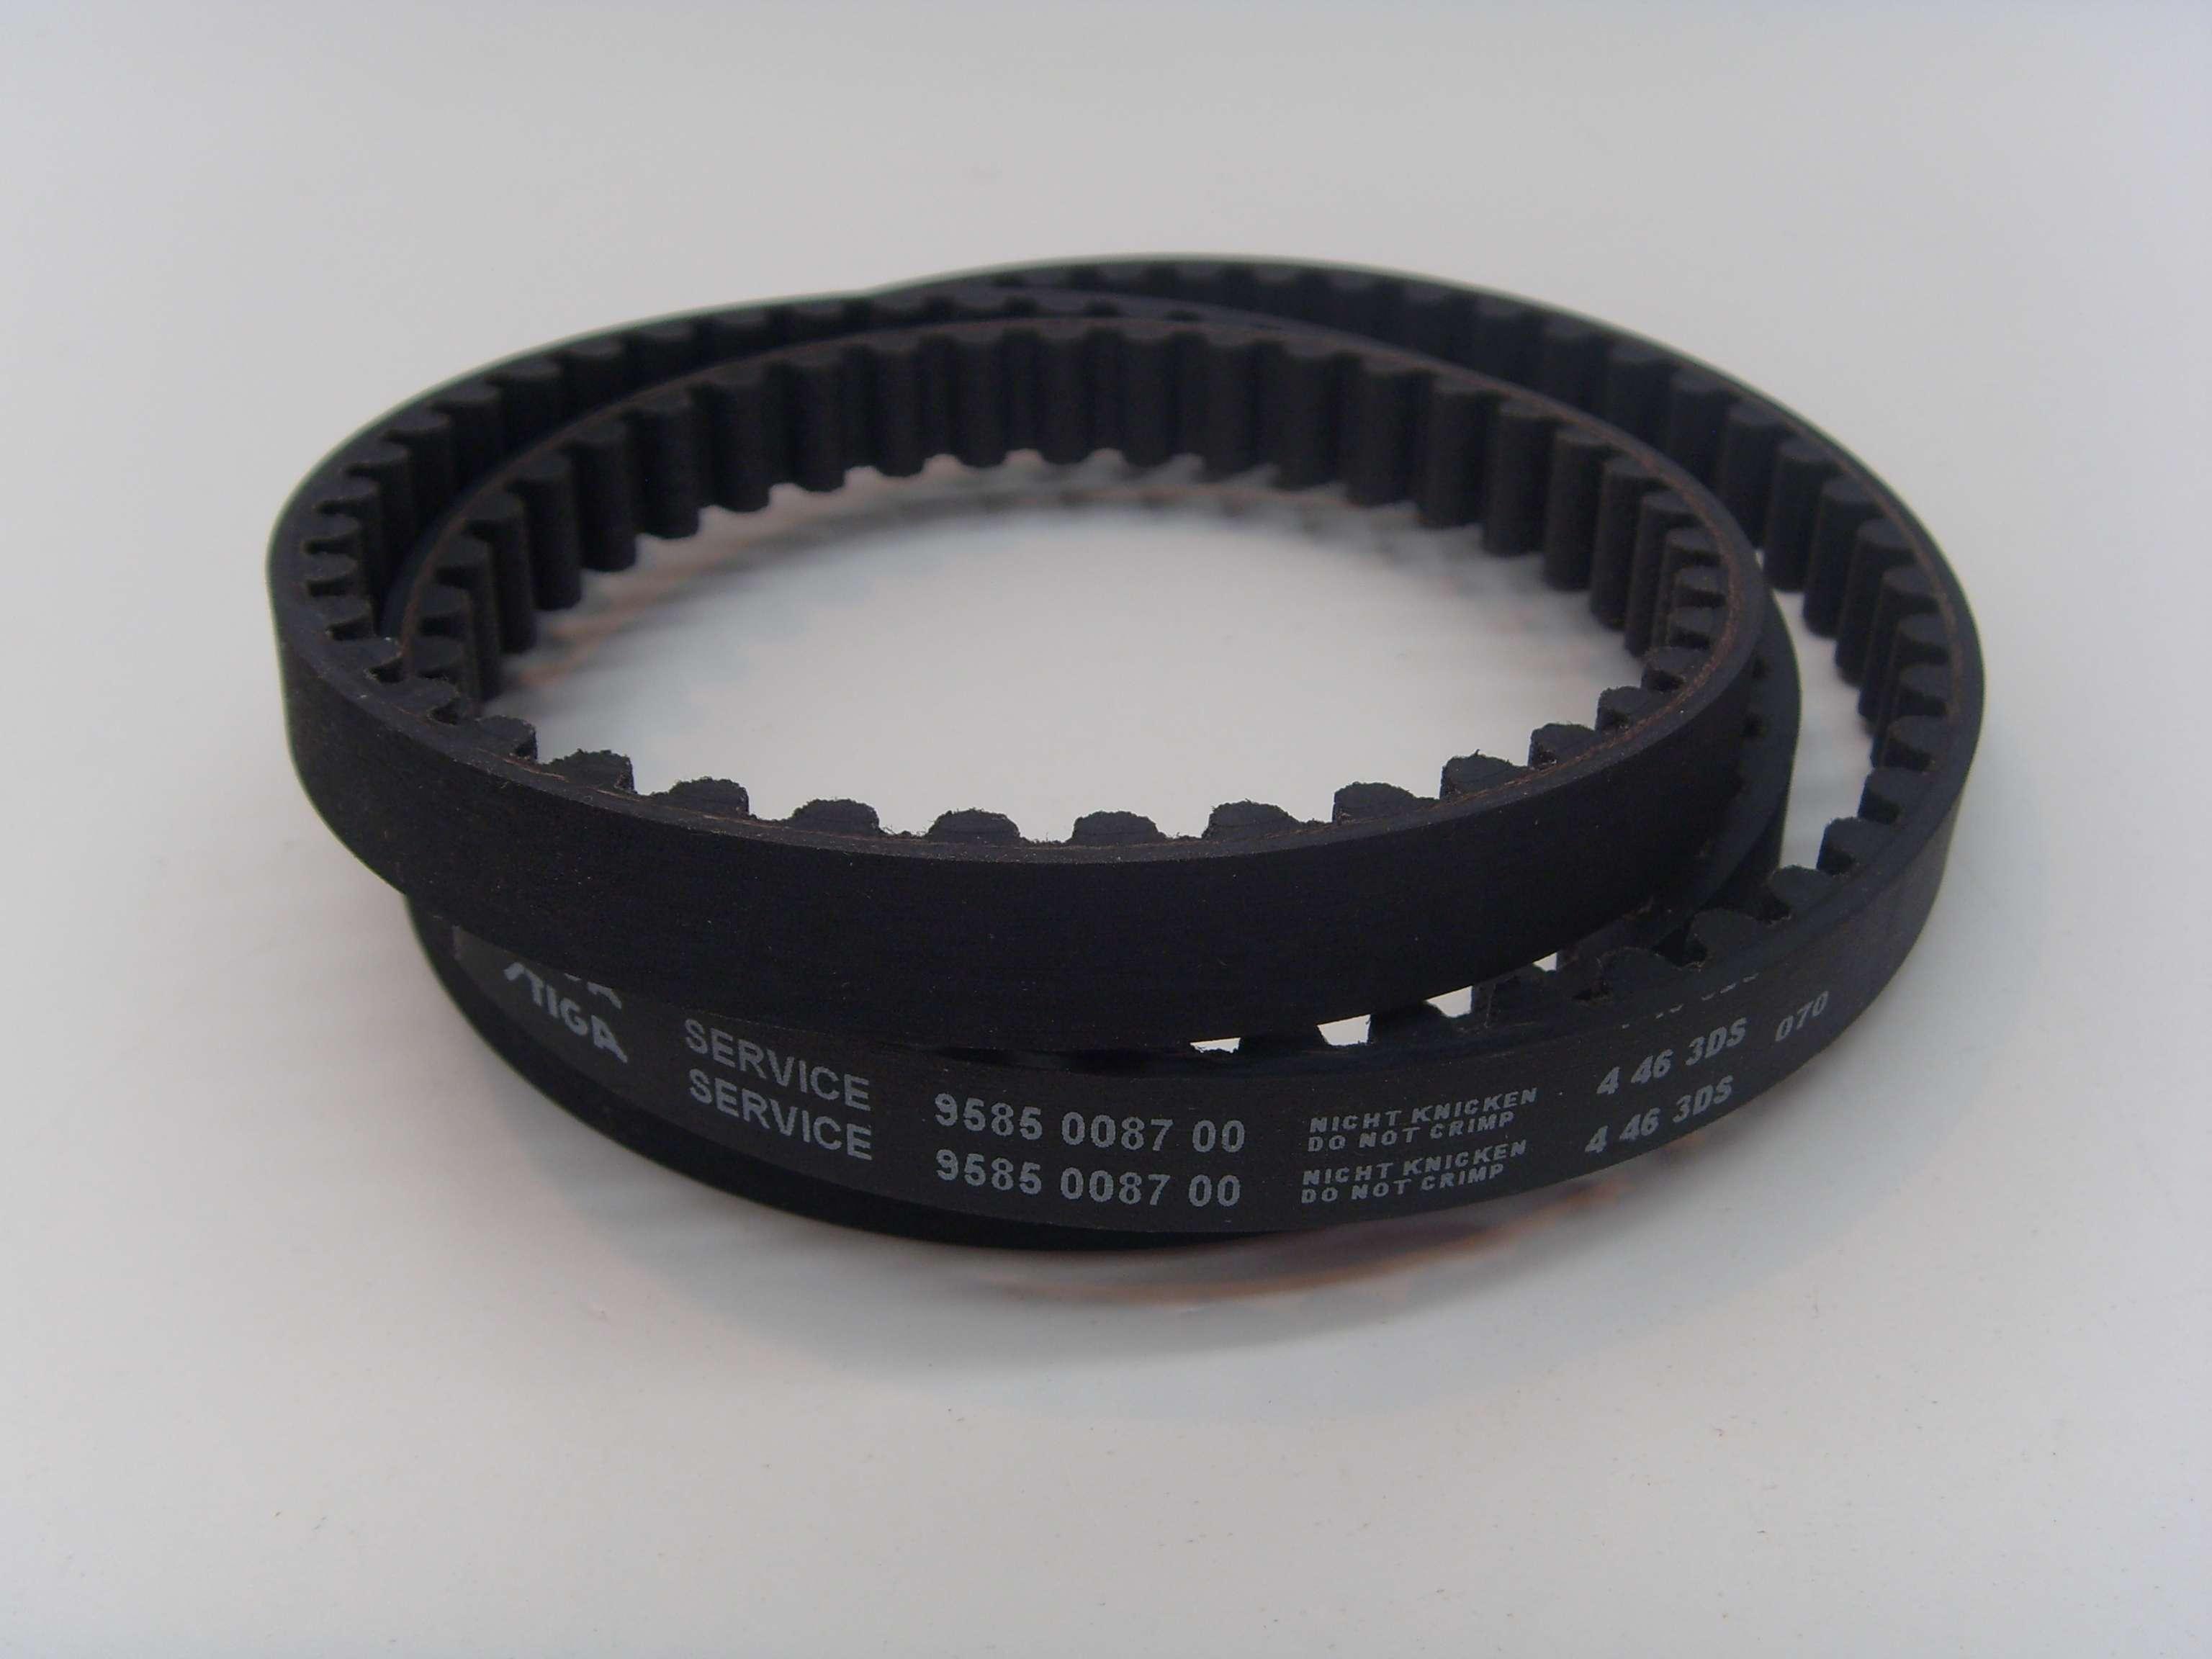 Timing Belt Fits Stiga 9585-0087-00 9585008700 Park 102M Villa 102M Type S8M